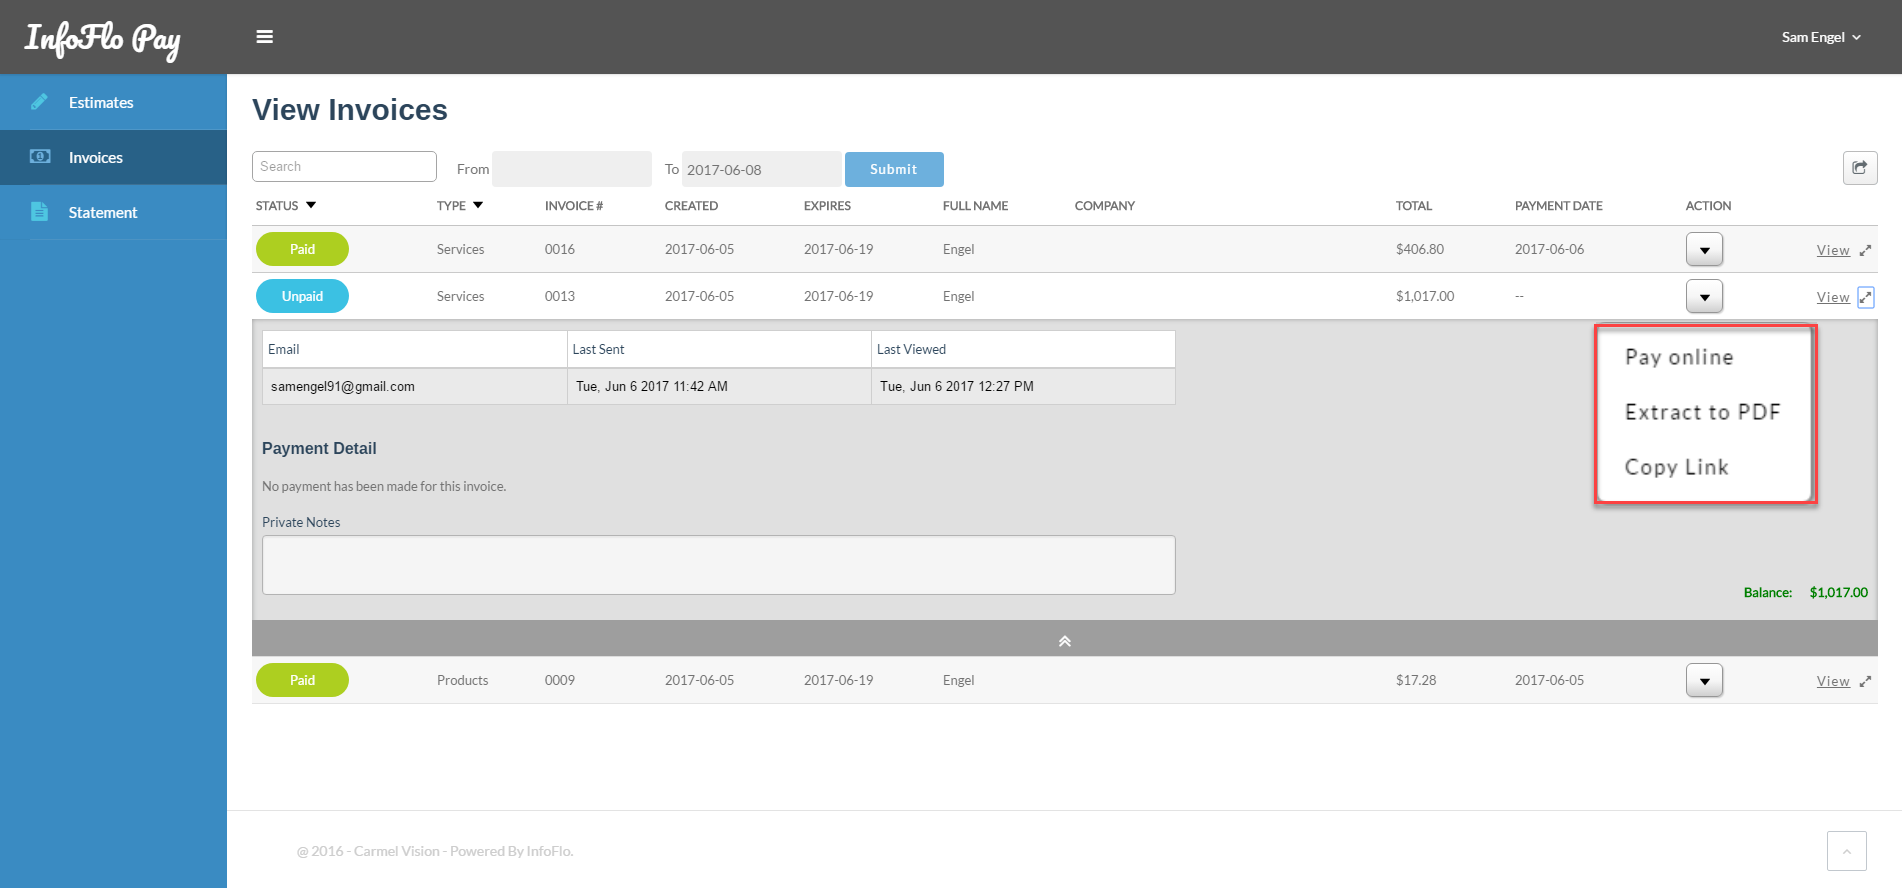 InfoFlo Pay: Client Portal Invoices